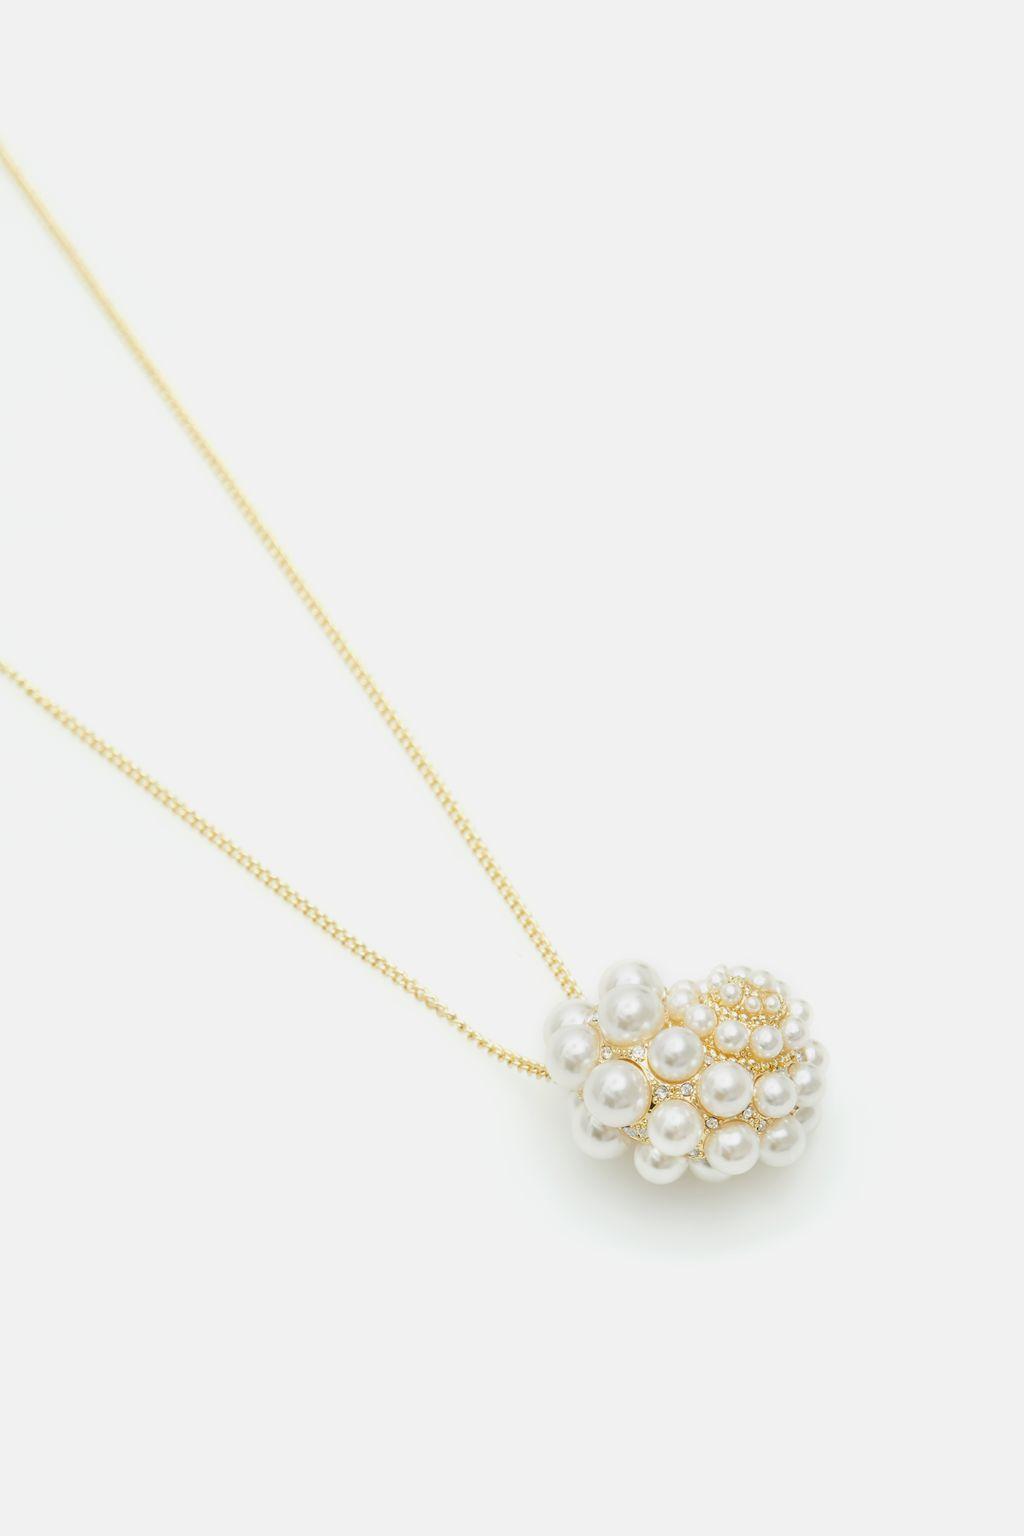 Aurea necklace